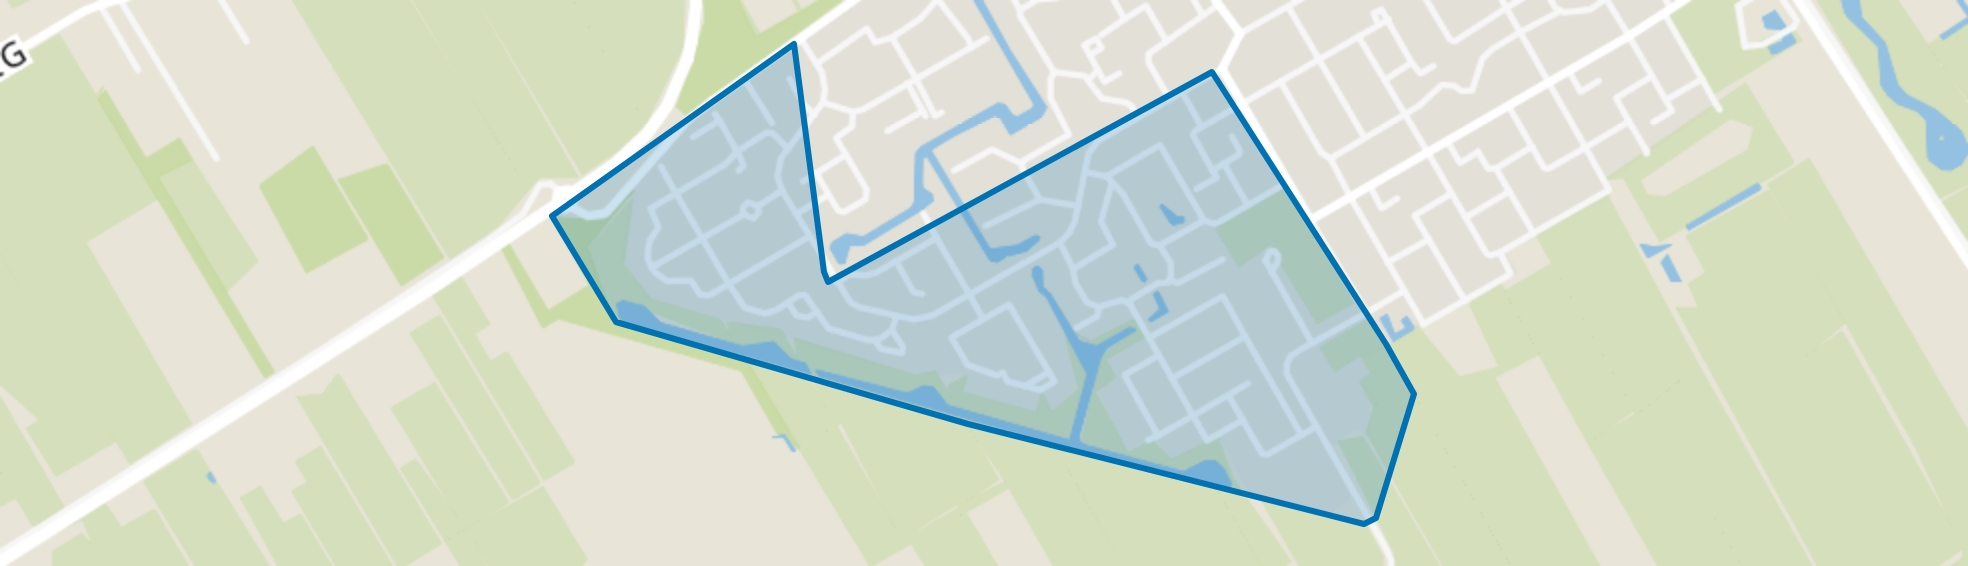 Wolvega-De Heidepolle, Wolvega map